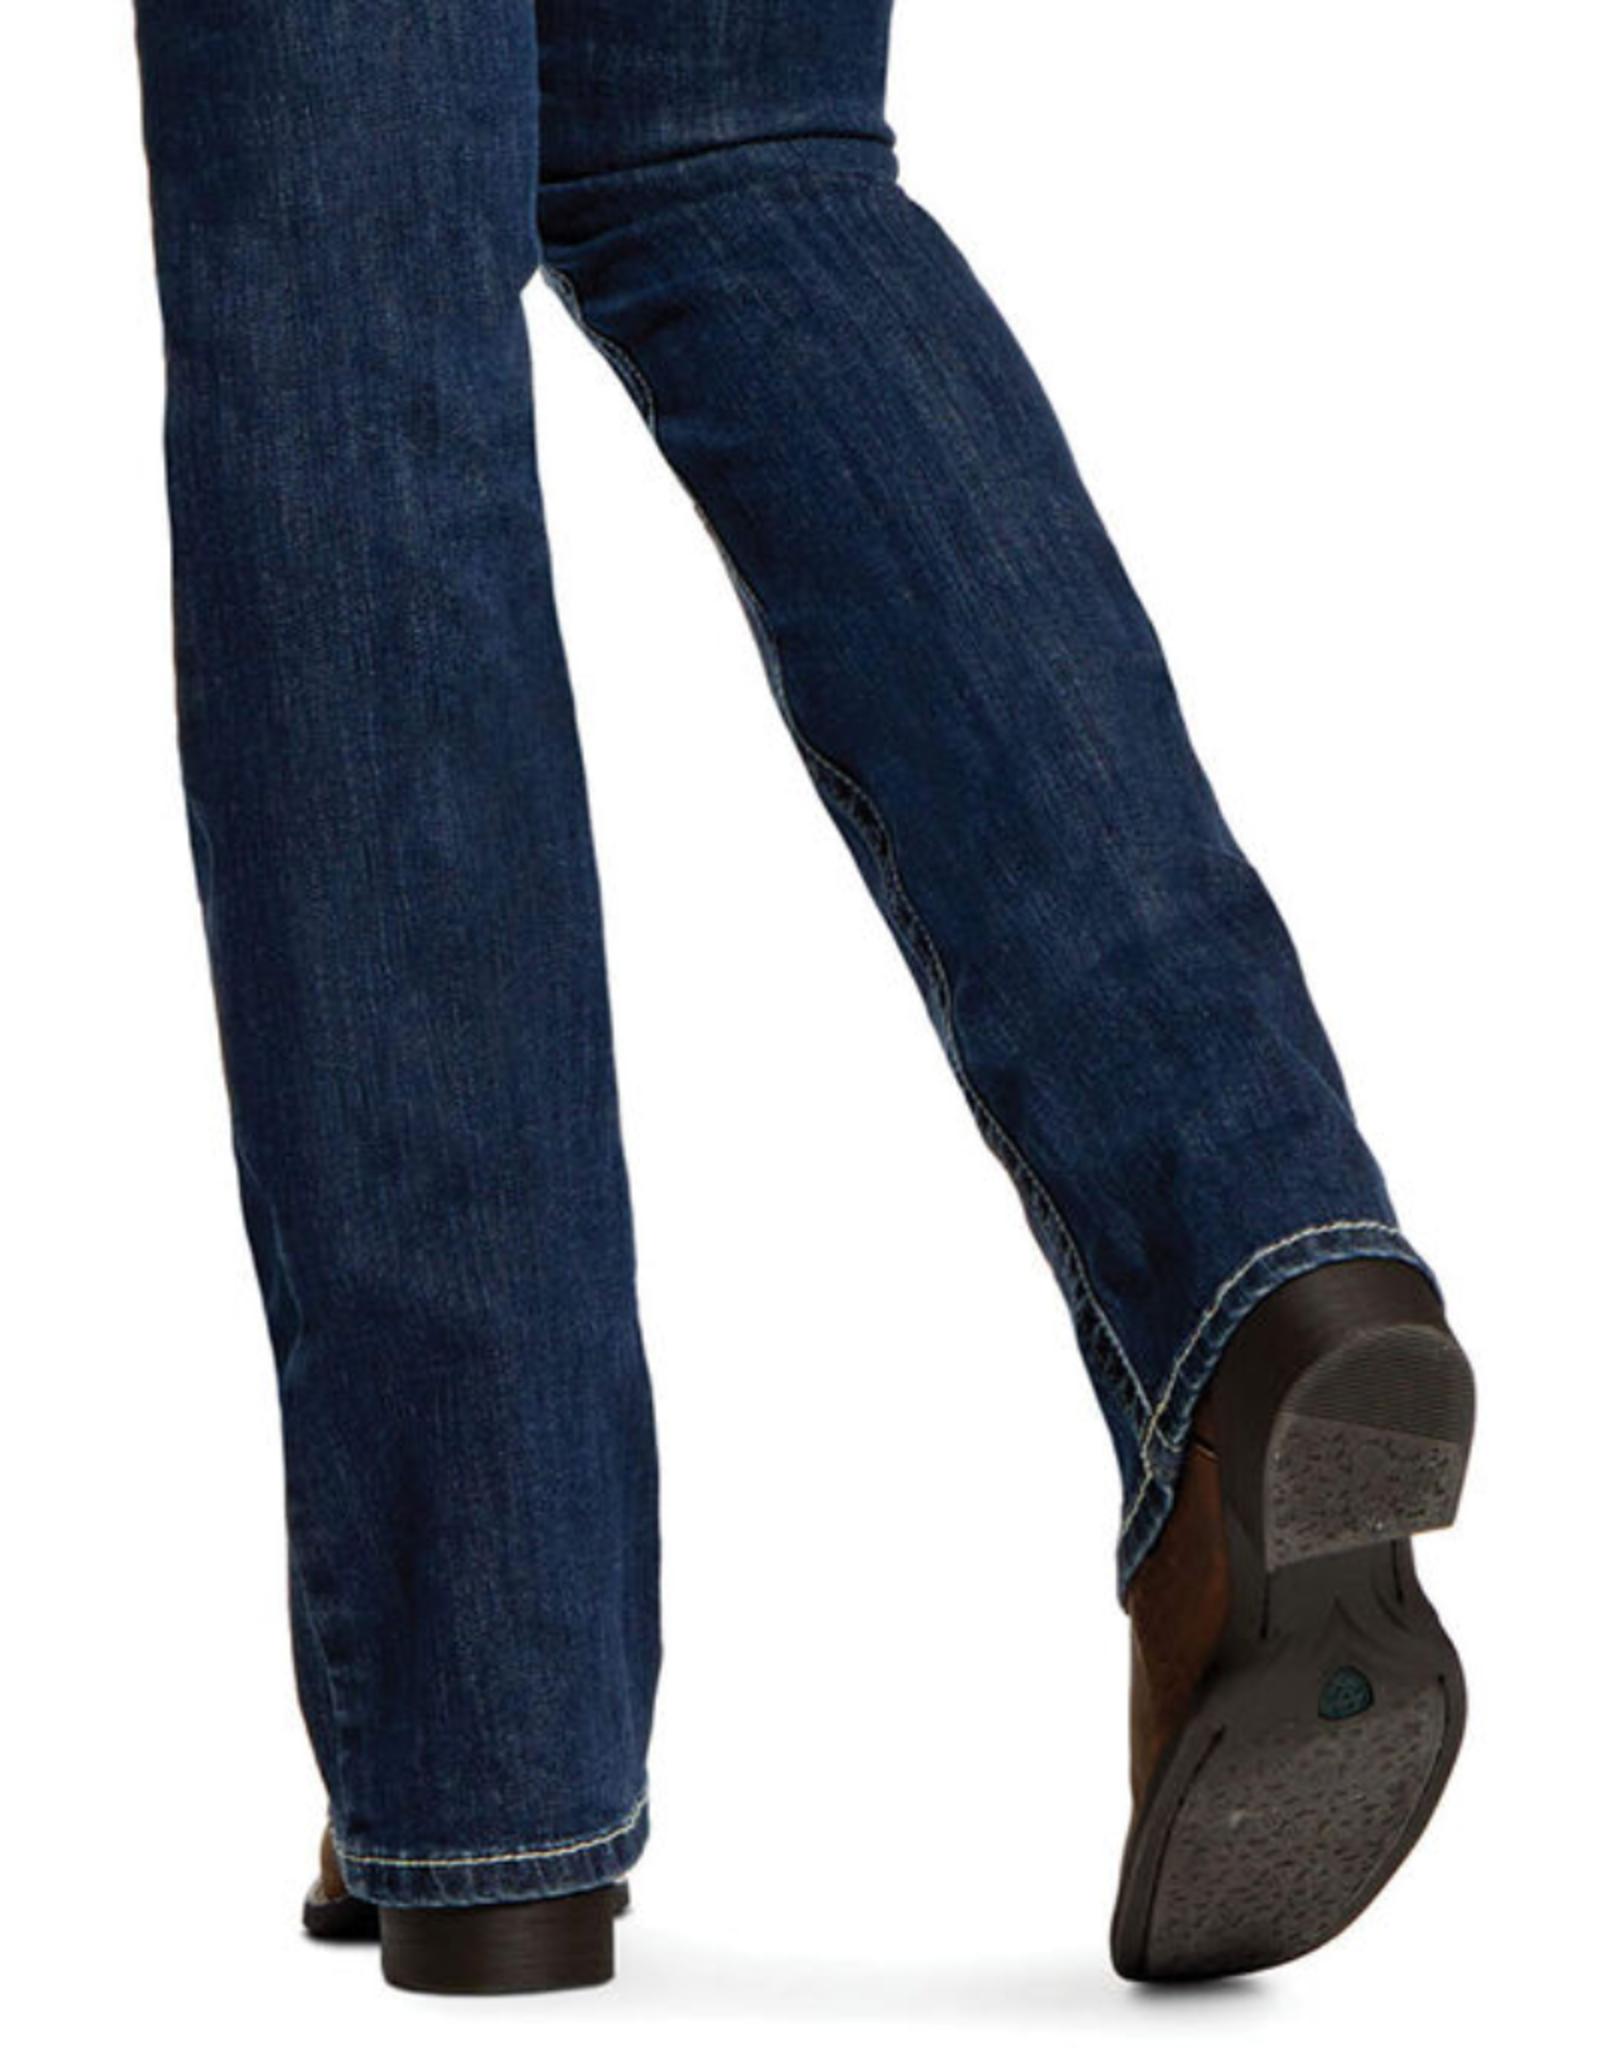 Ariat Ariat R.E.A.L. Mid Rise Stretch Festival Boot Cut Jean